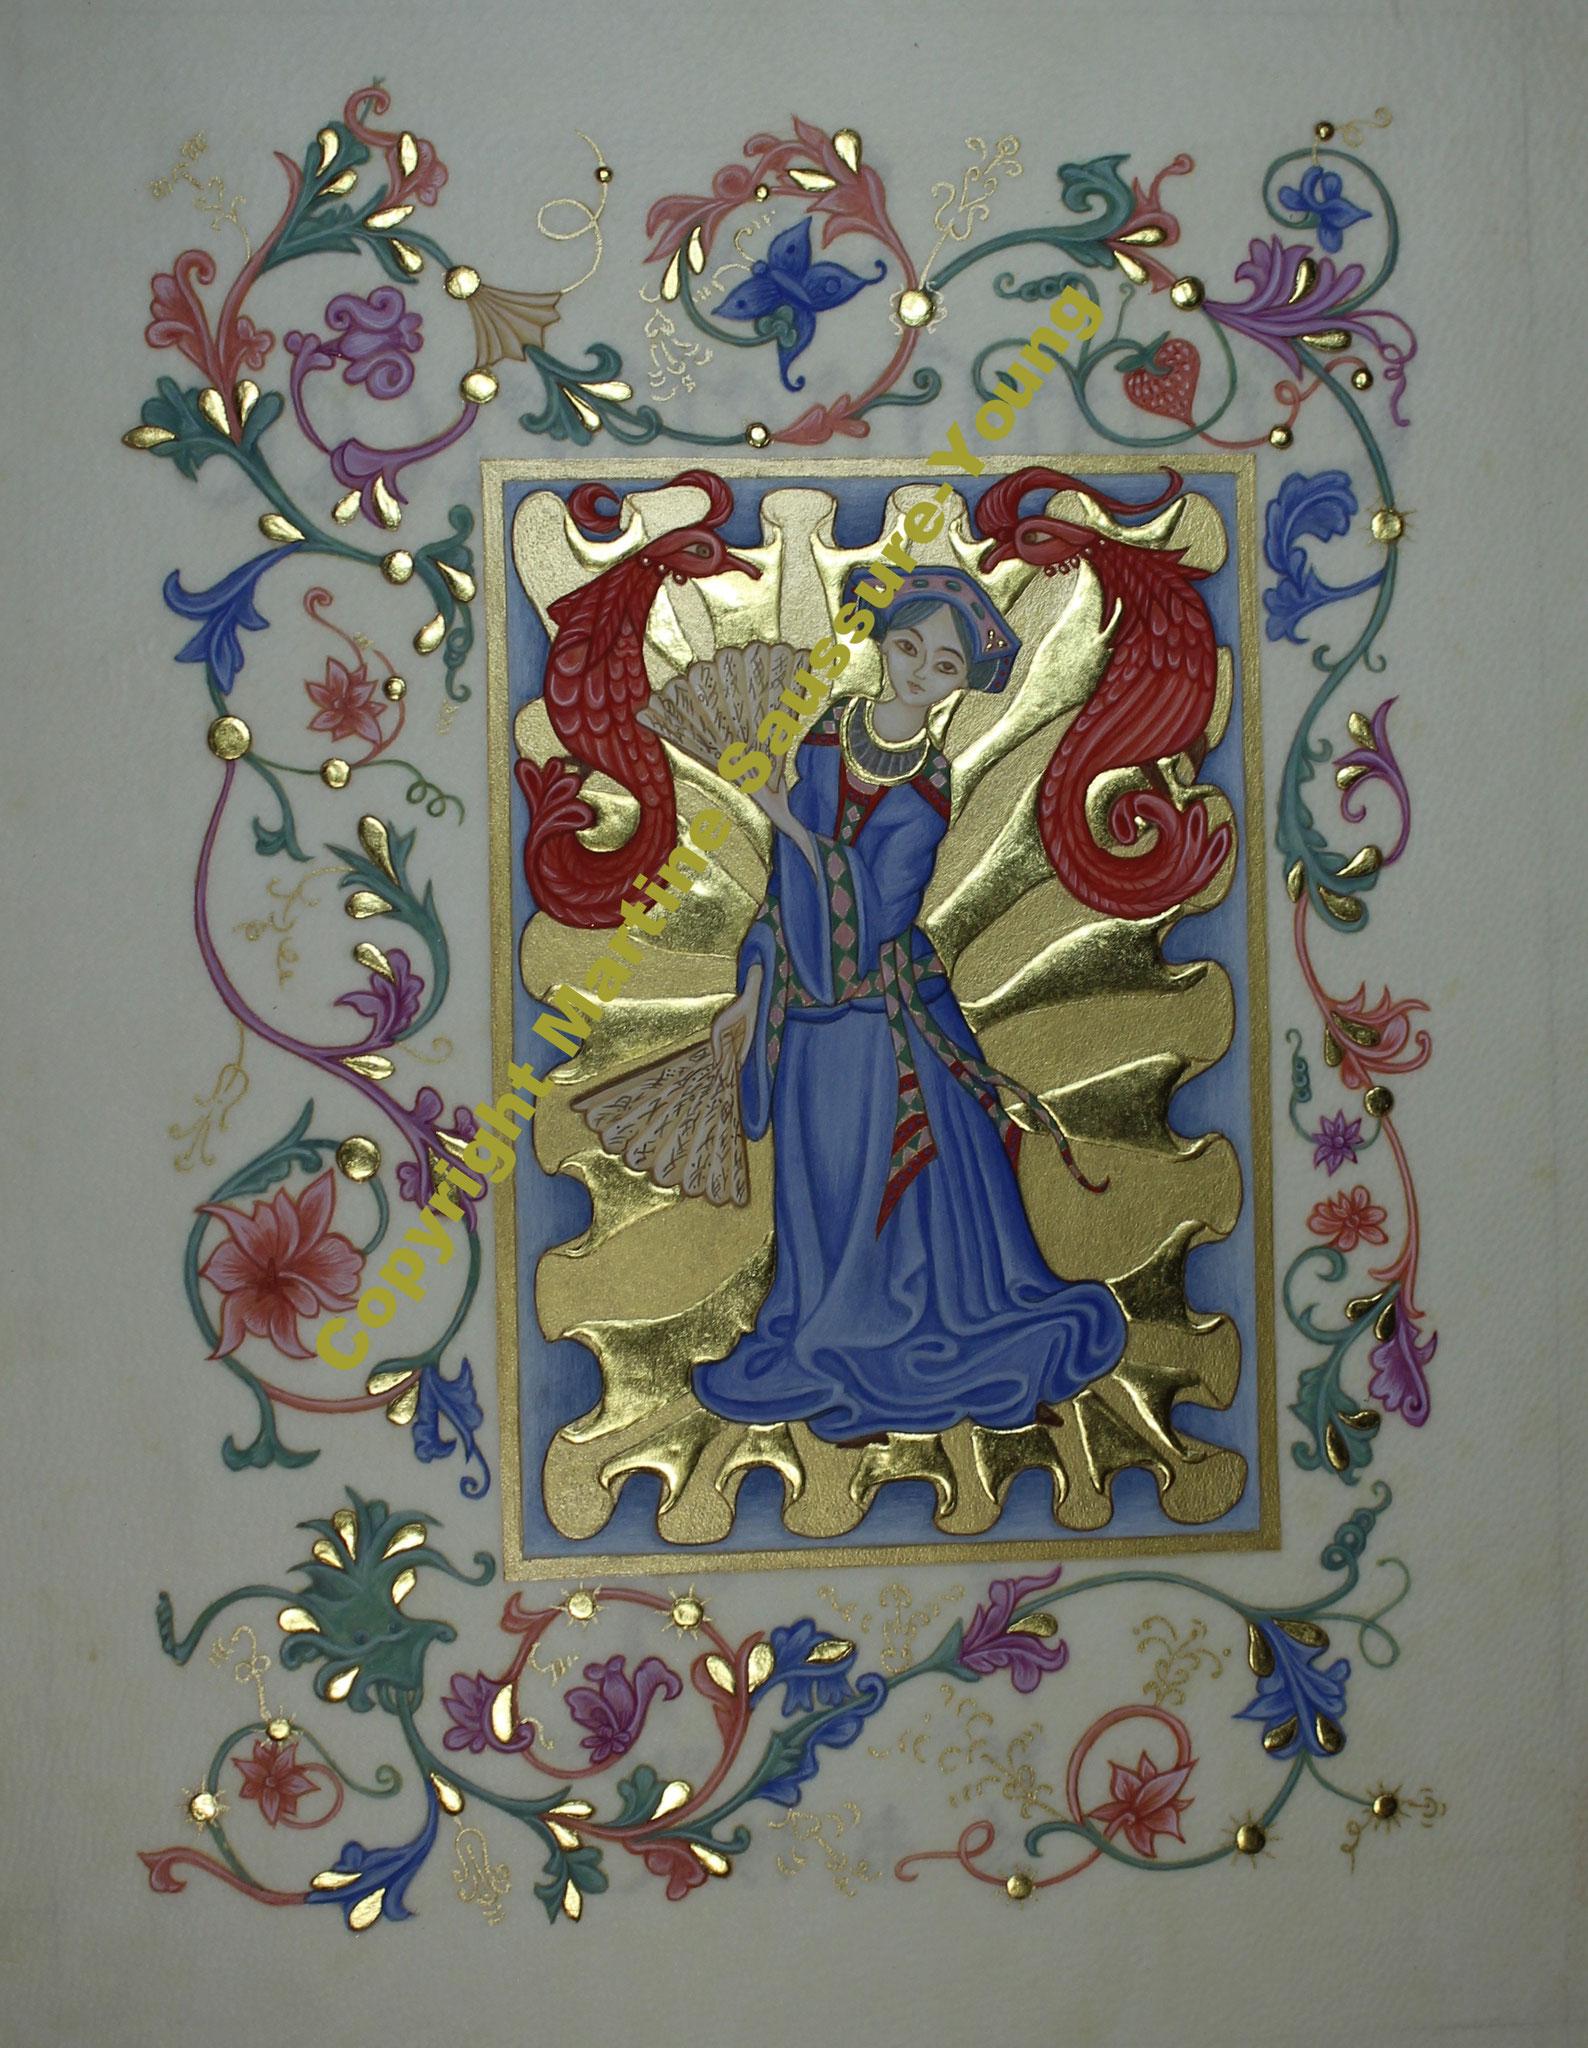 Pour l'hommage aux transmettrices, j'ai utilisé l'or en relief, l'or à la coquille, le lapis lazuli, la malachite et le cinabre